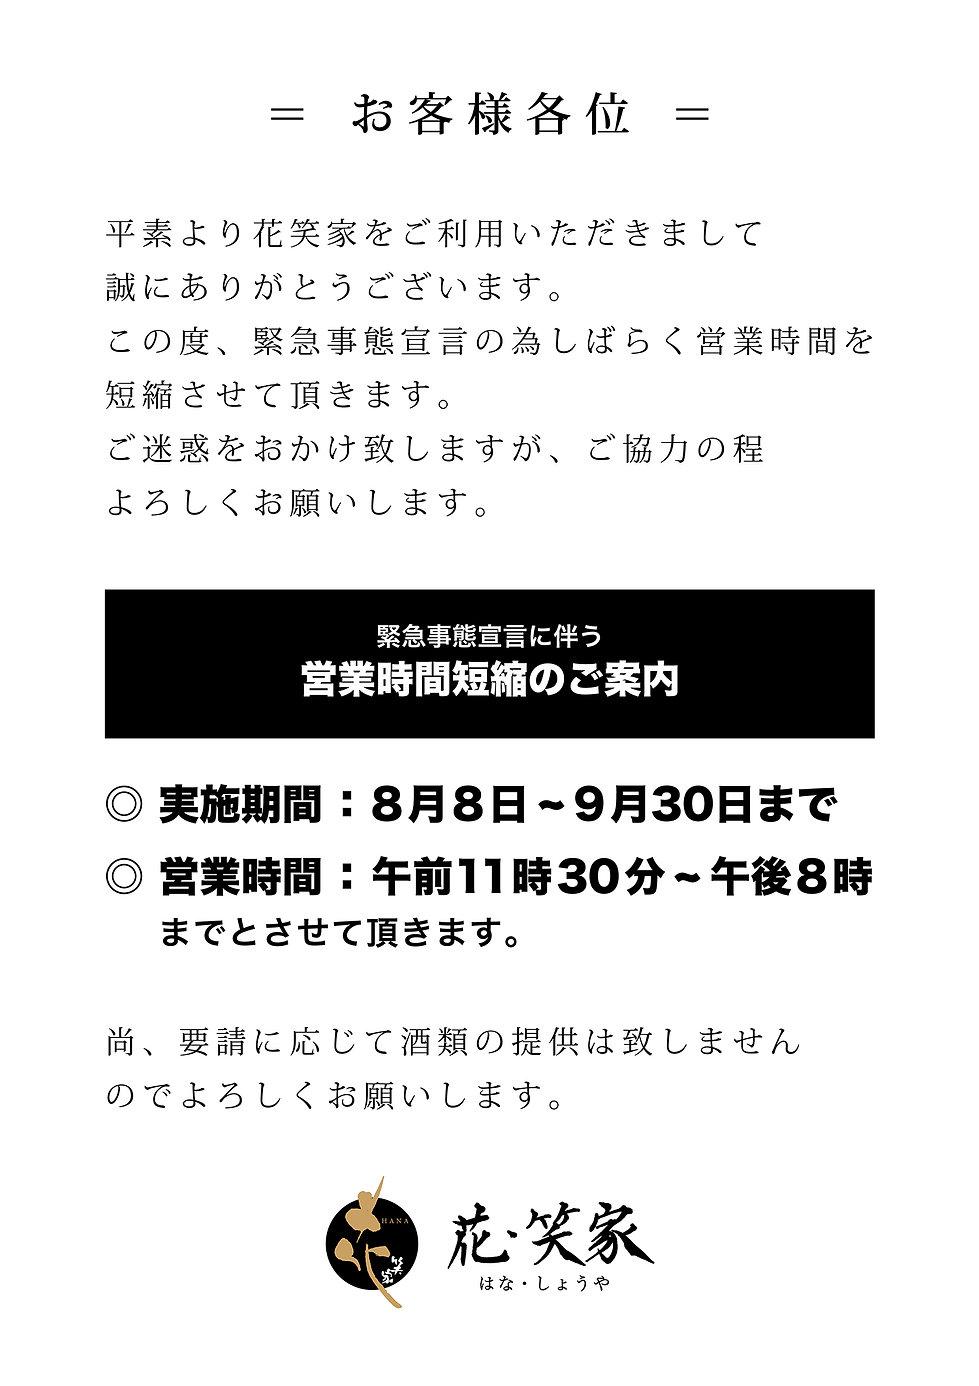 2021_09_30_kinkyu.jpg